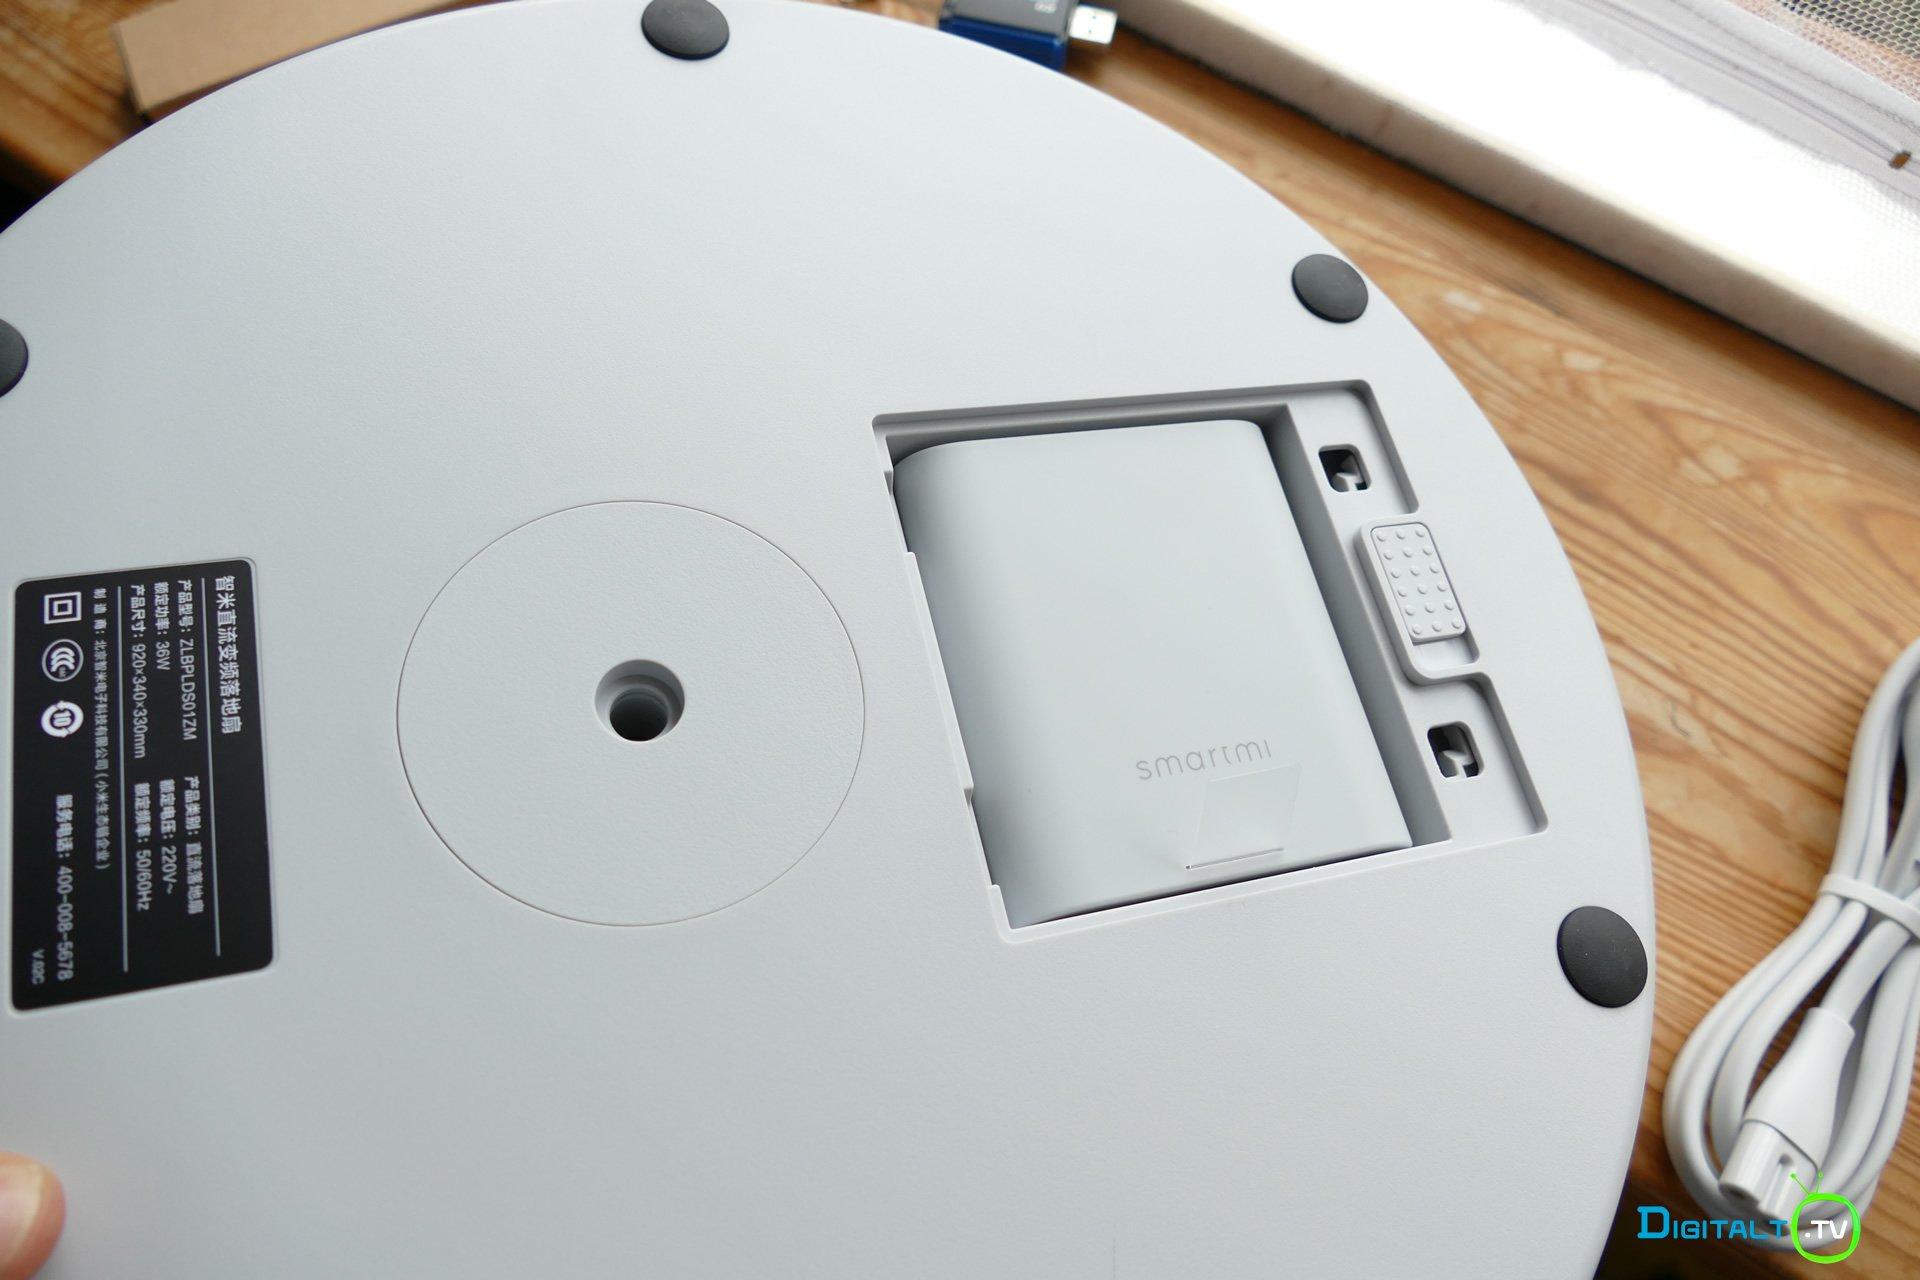 Xiaomi Smartmi Fan 2S batteri